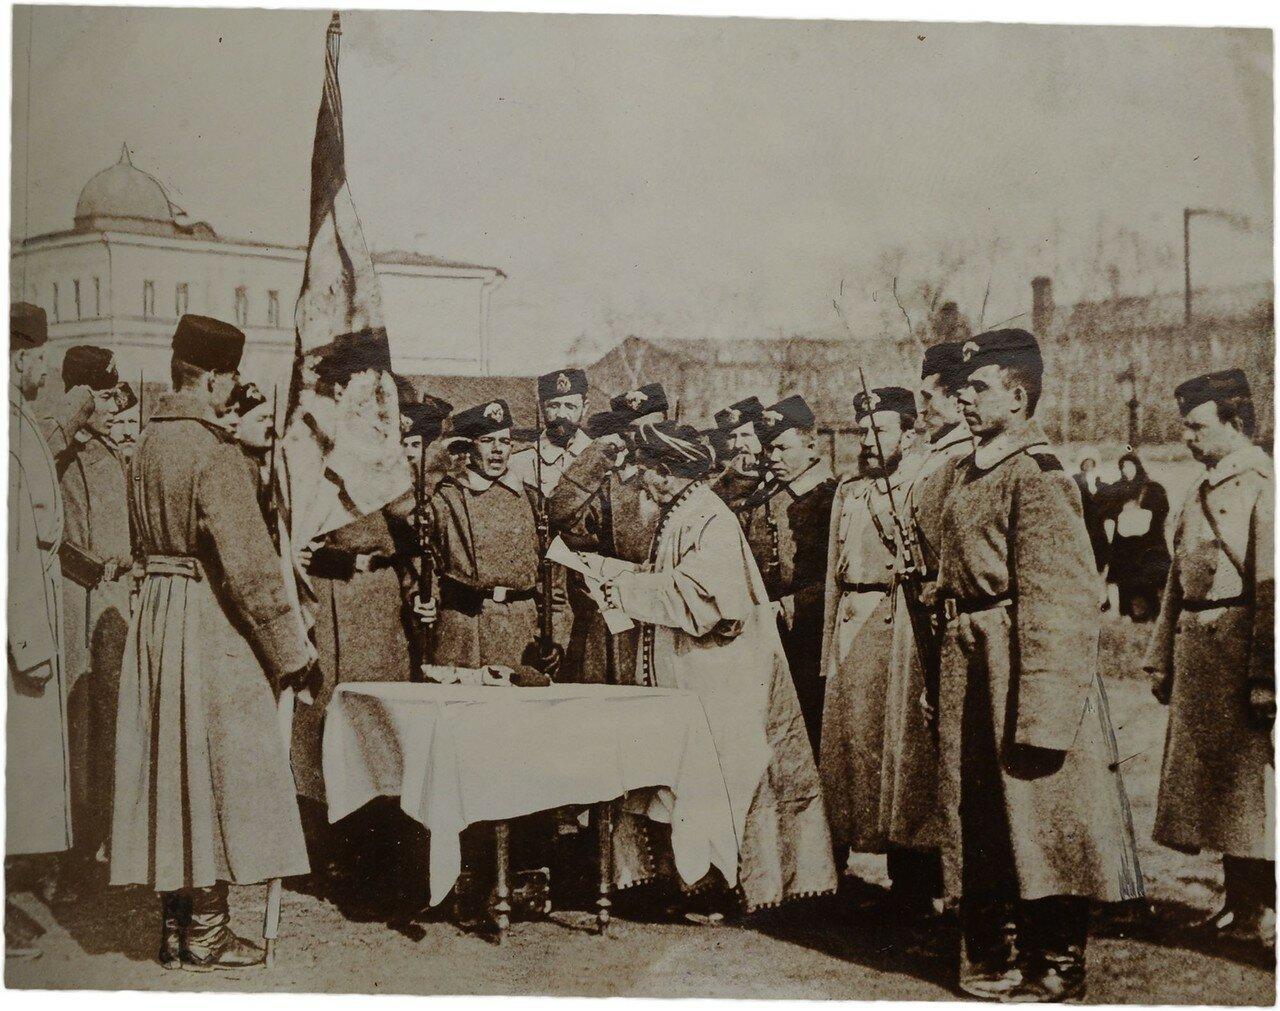 Фото принесения присяги солдатами мусульманами перед отправкой на фронт. 1904